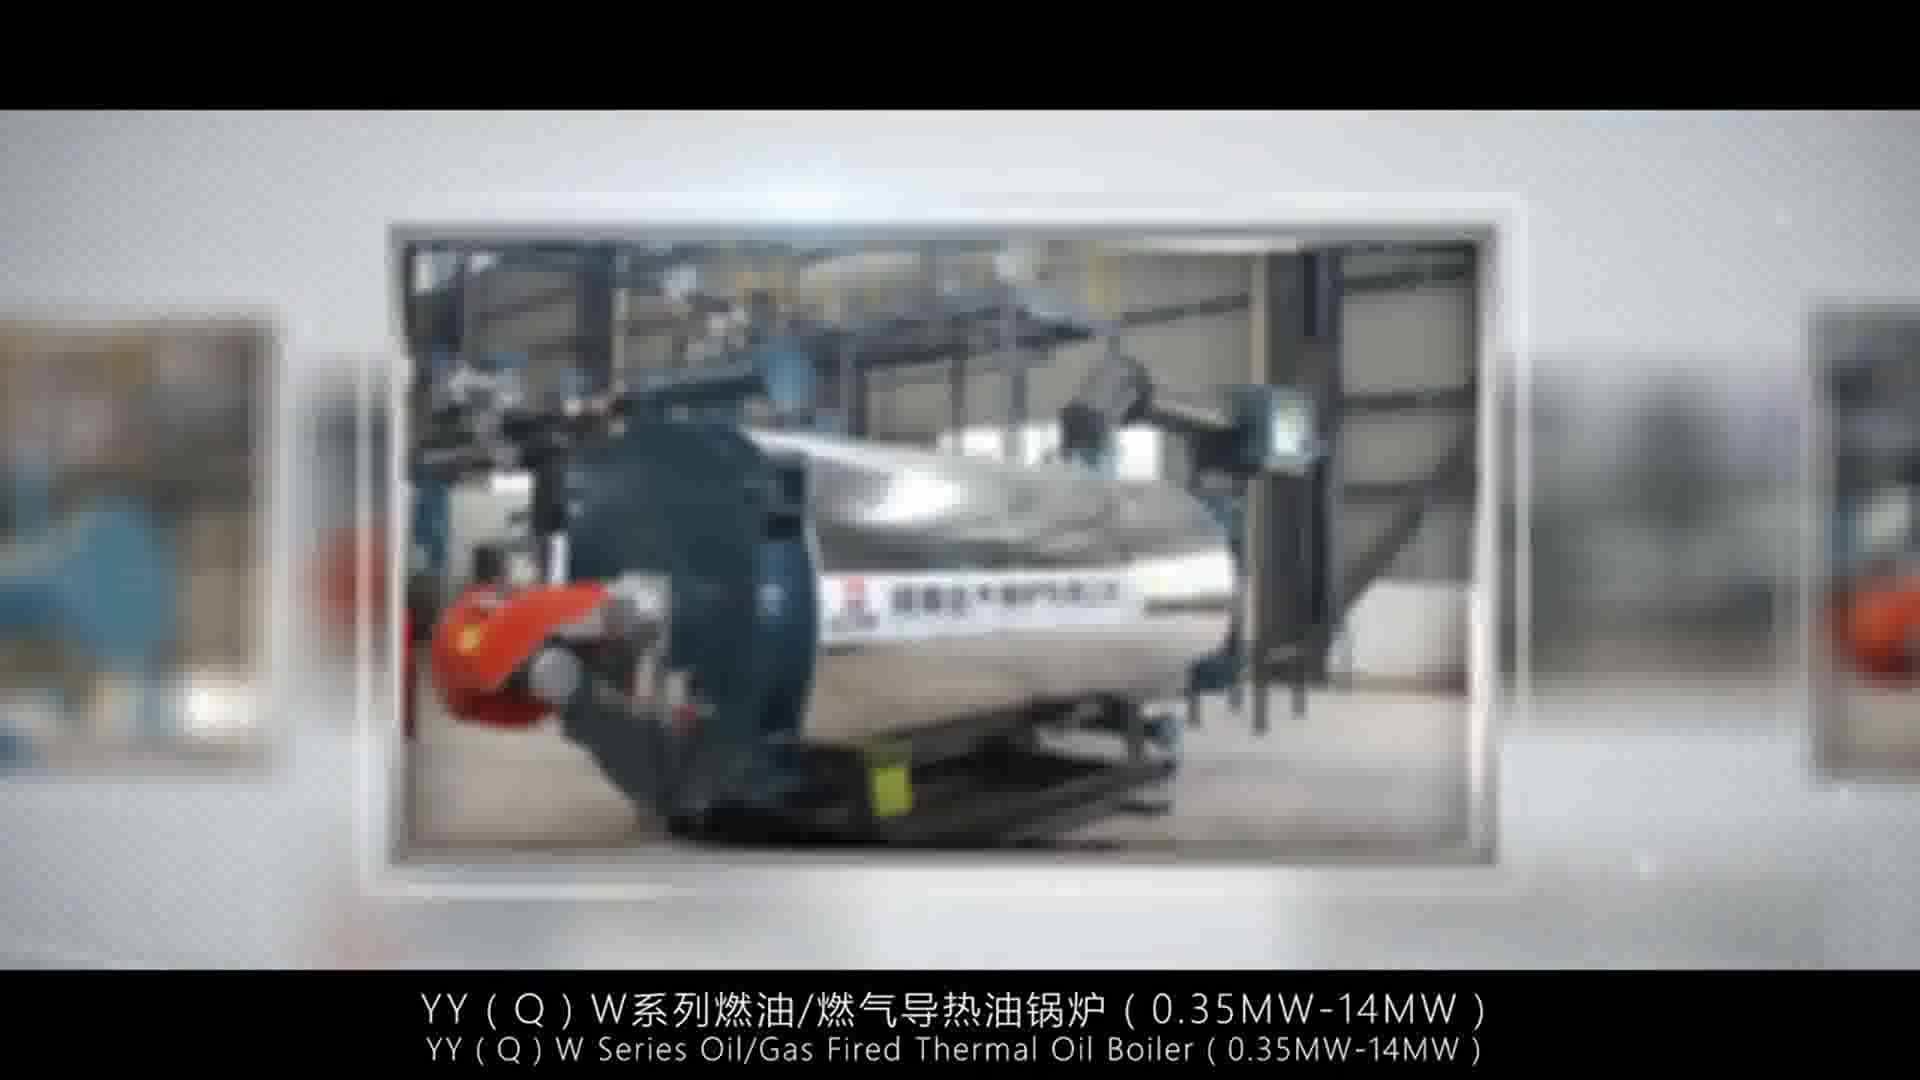 Chine Top 10 des fabricants industriels de chauffage au mazout thermique à gaz gpl